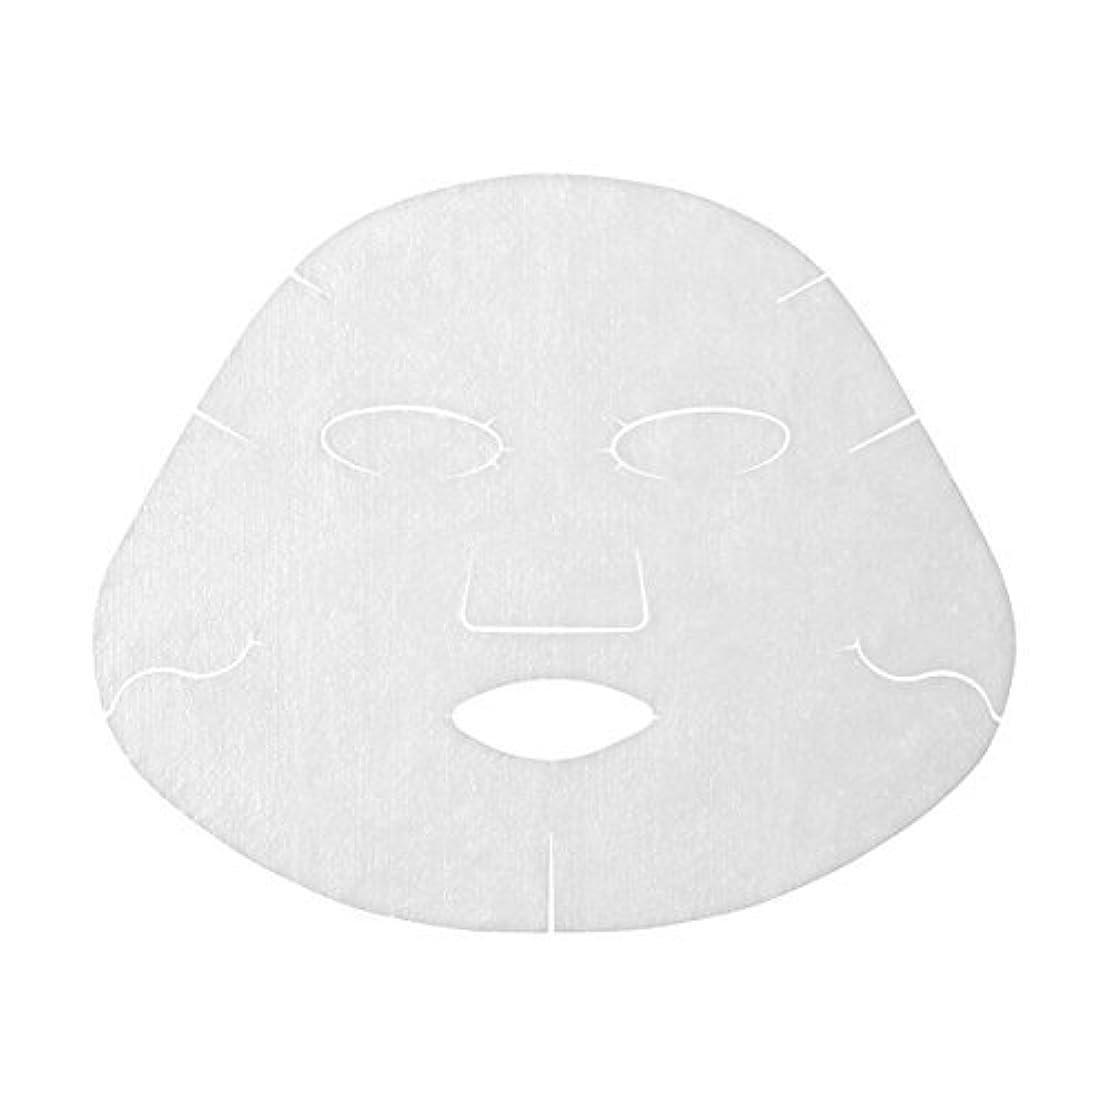 予測名詞没頭するアクアレーベル リセットホワイトマスク <1枚入り> 18mL×1枚×3個